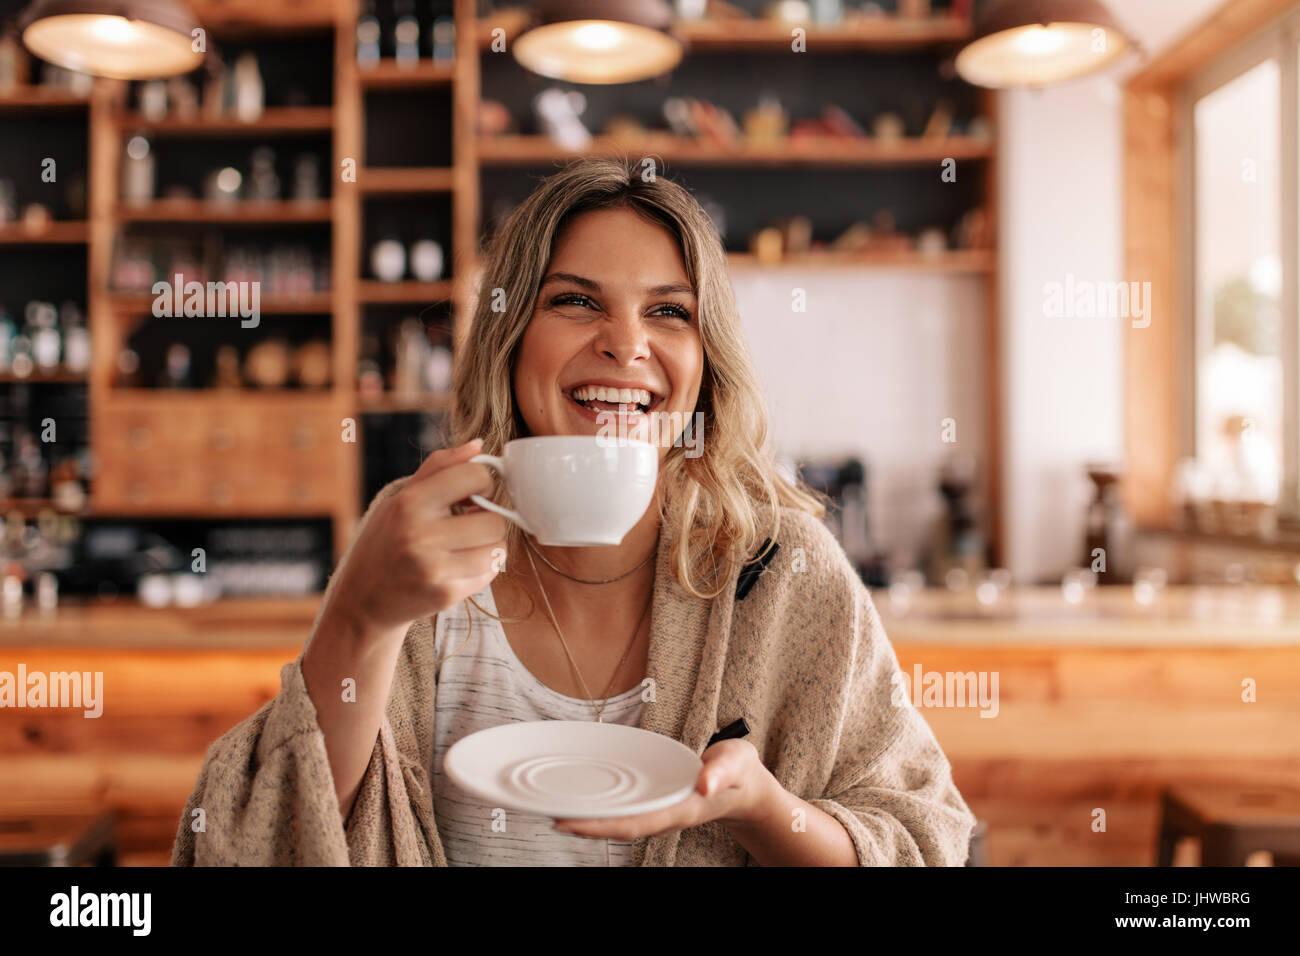 Porträt der schönen jungen Frau stehen in einem Café und Kaffee trinken. Lächelnde junge Frau Stockbild